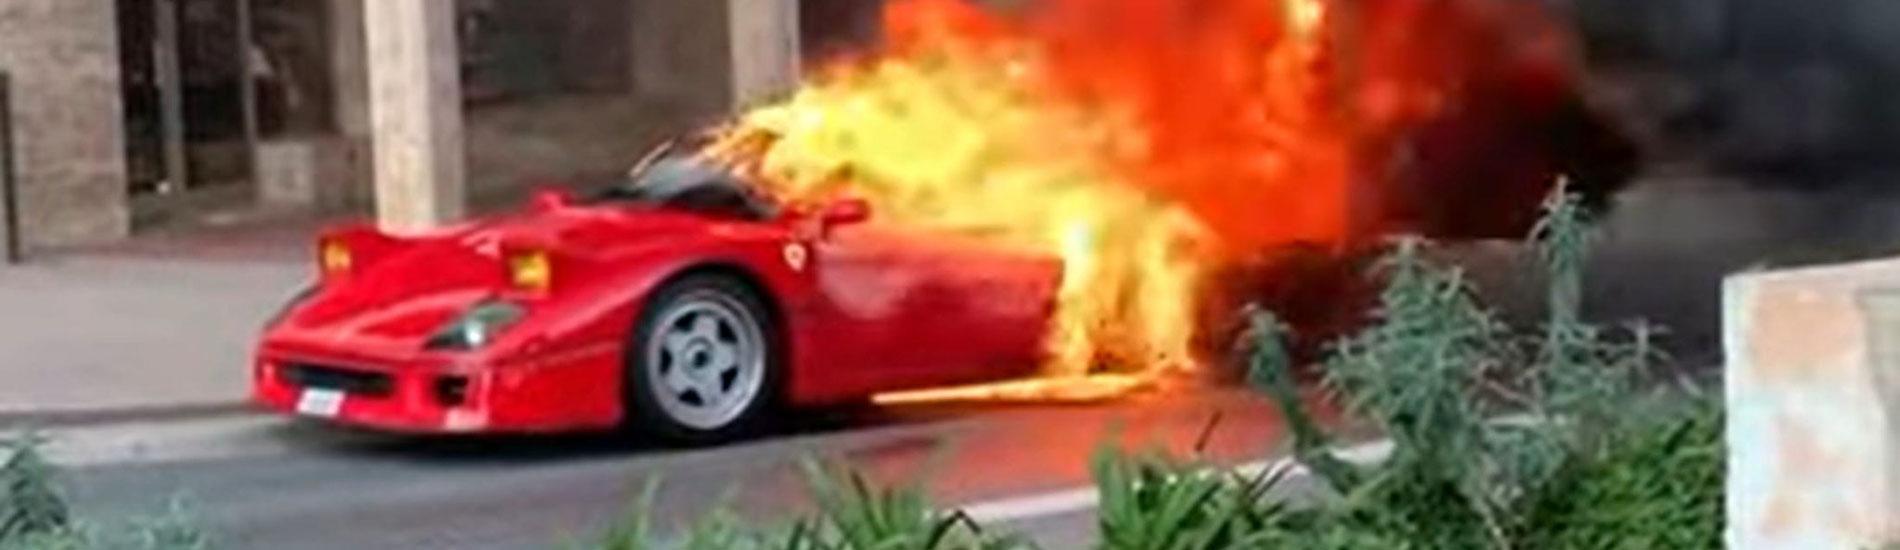 Ferrari F40 - Fiamme